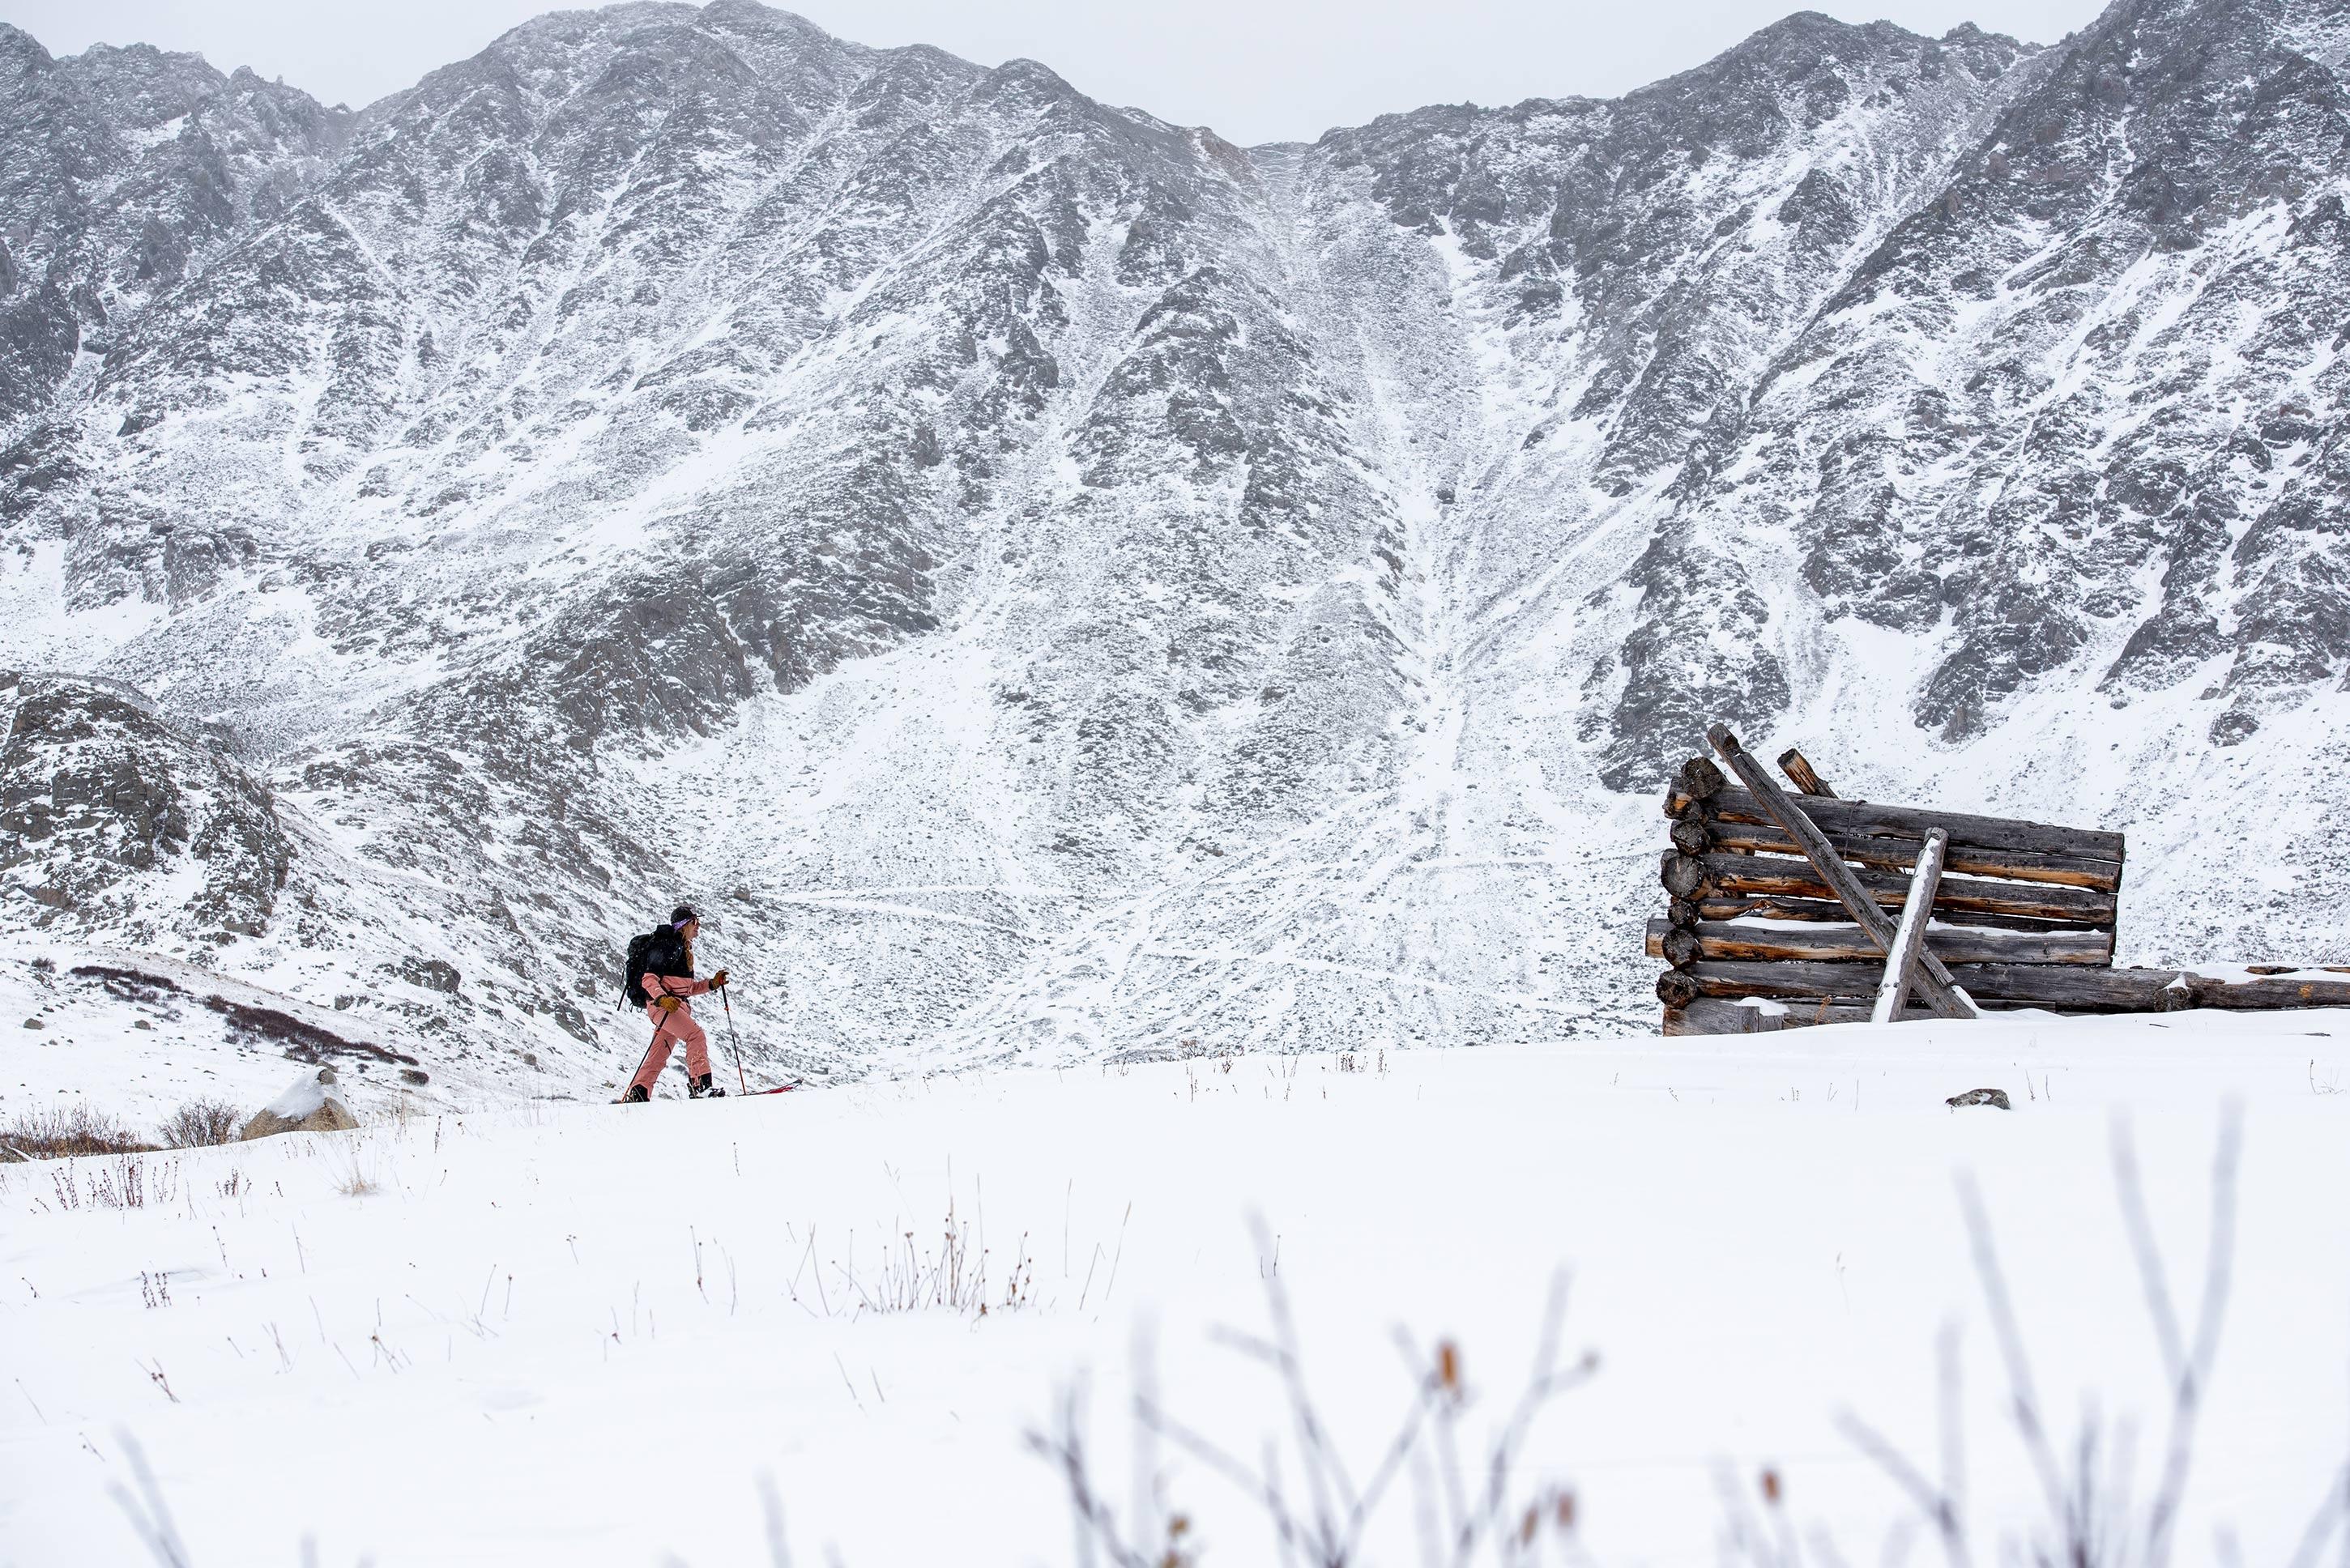 Alex Showerman splitboards up Mayflower Gulch Colorado - Photo by Carly Finke